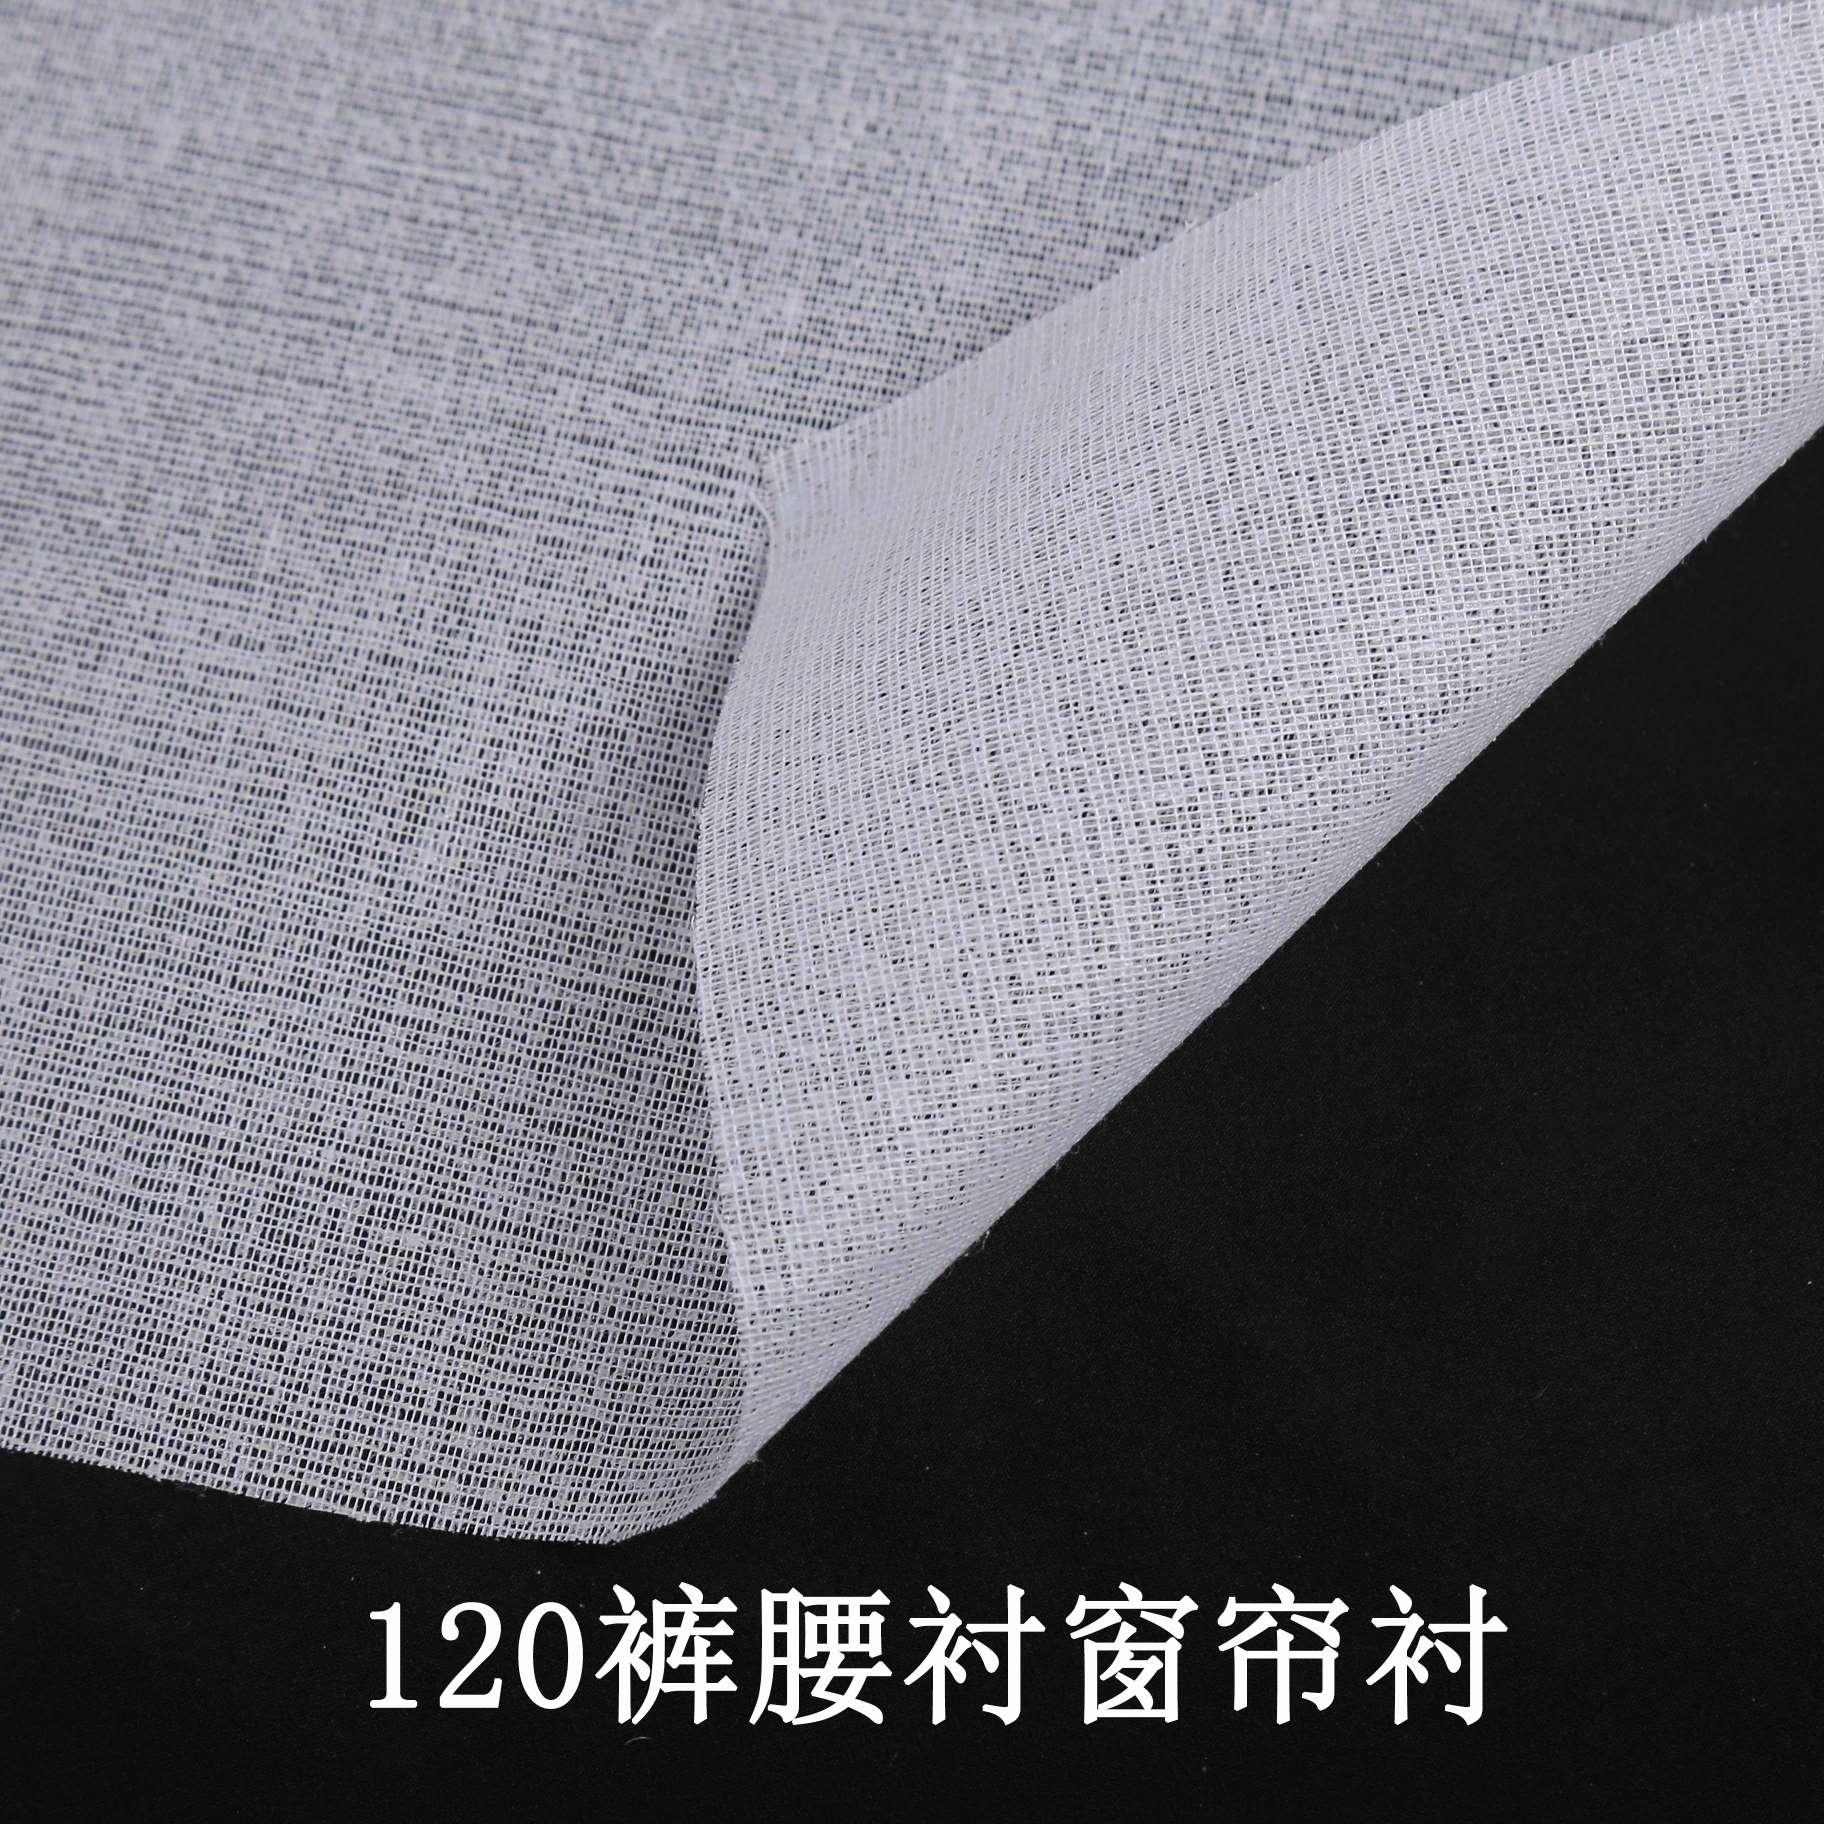 裤腰衬120树脂衬领衬有纺无纺布衬烫衬